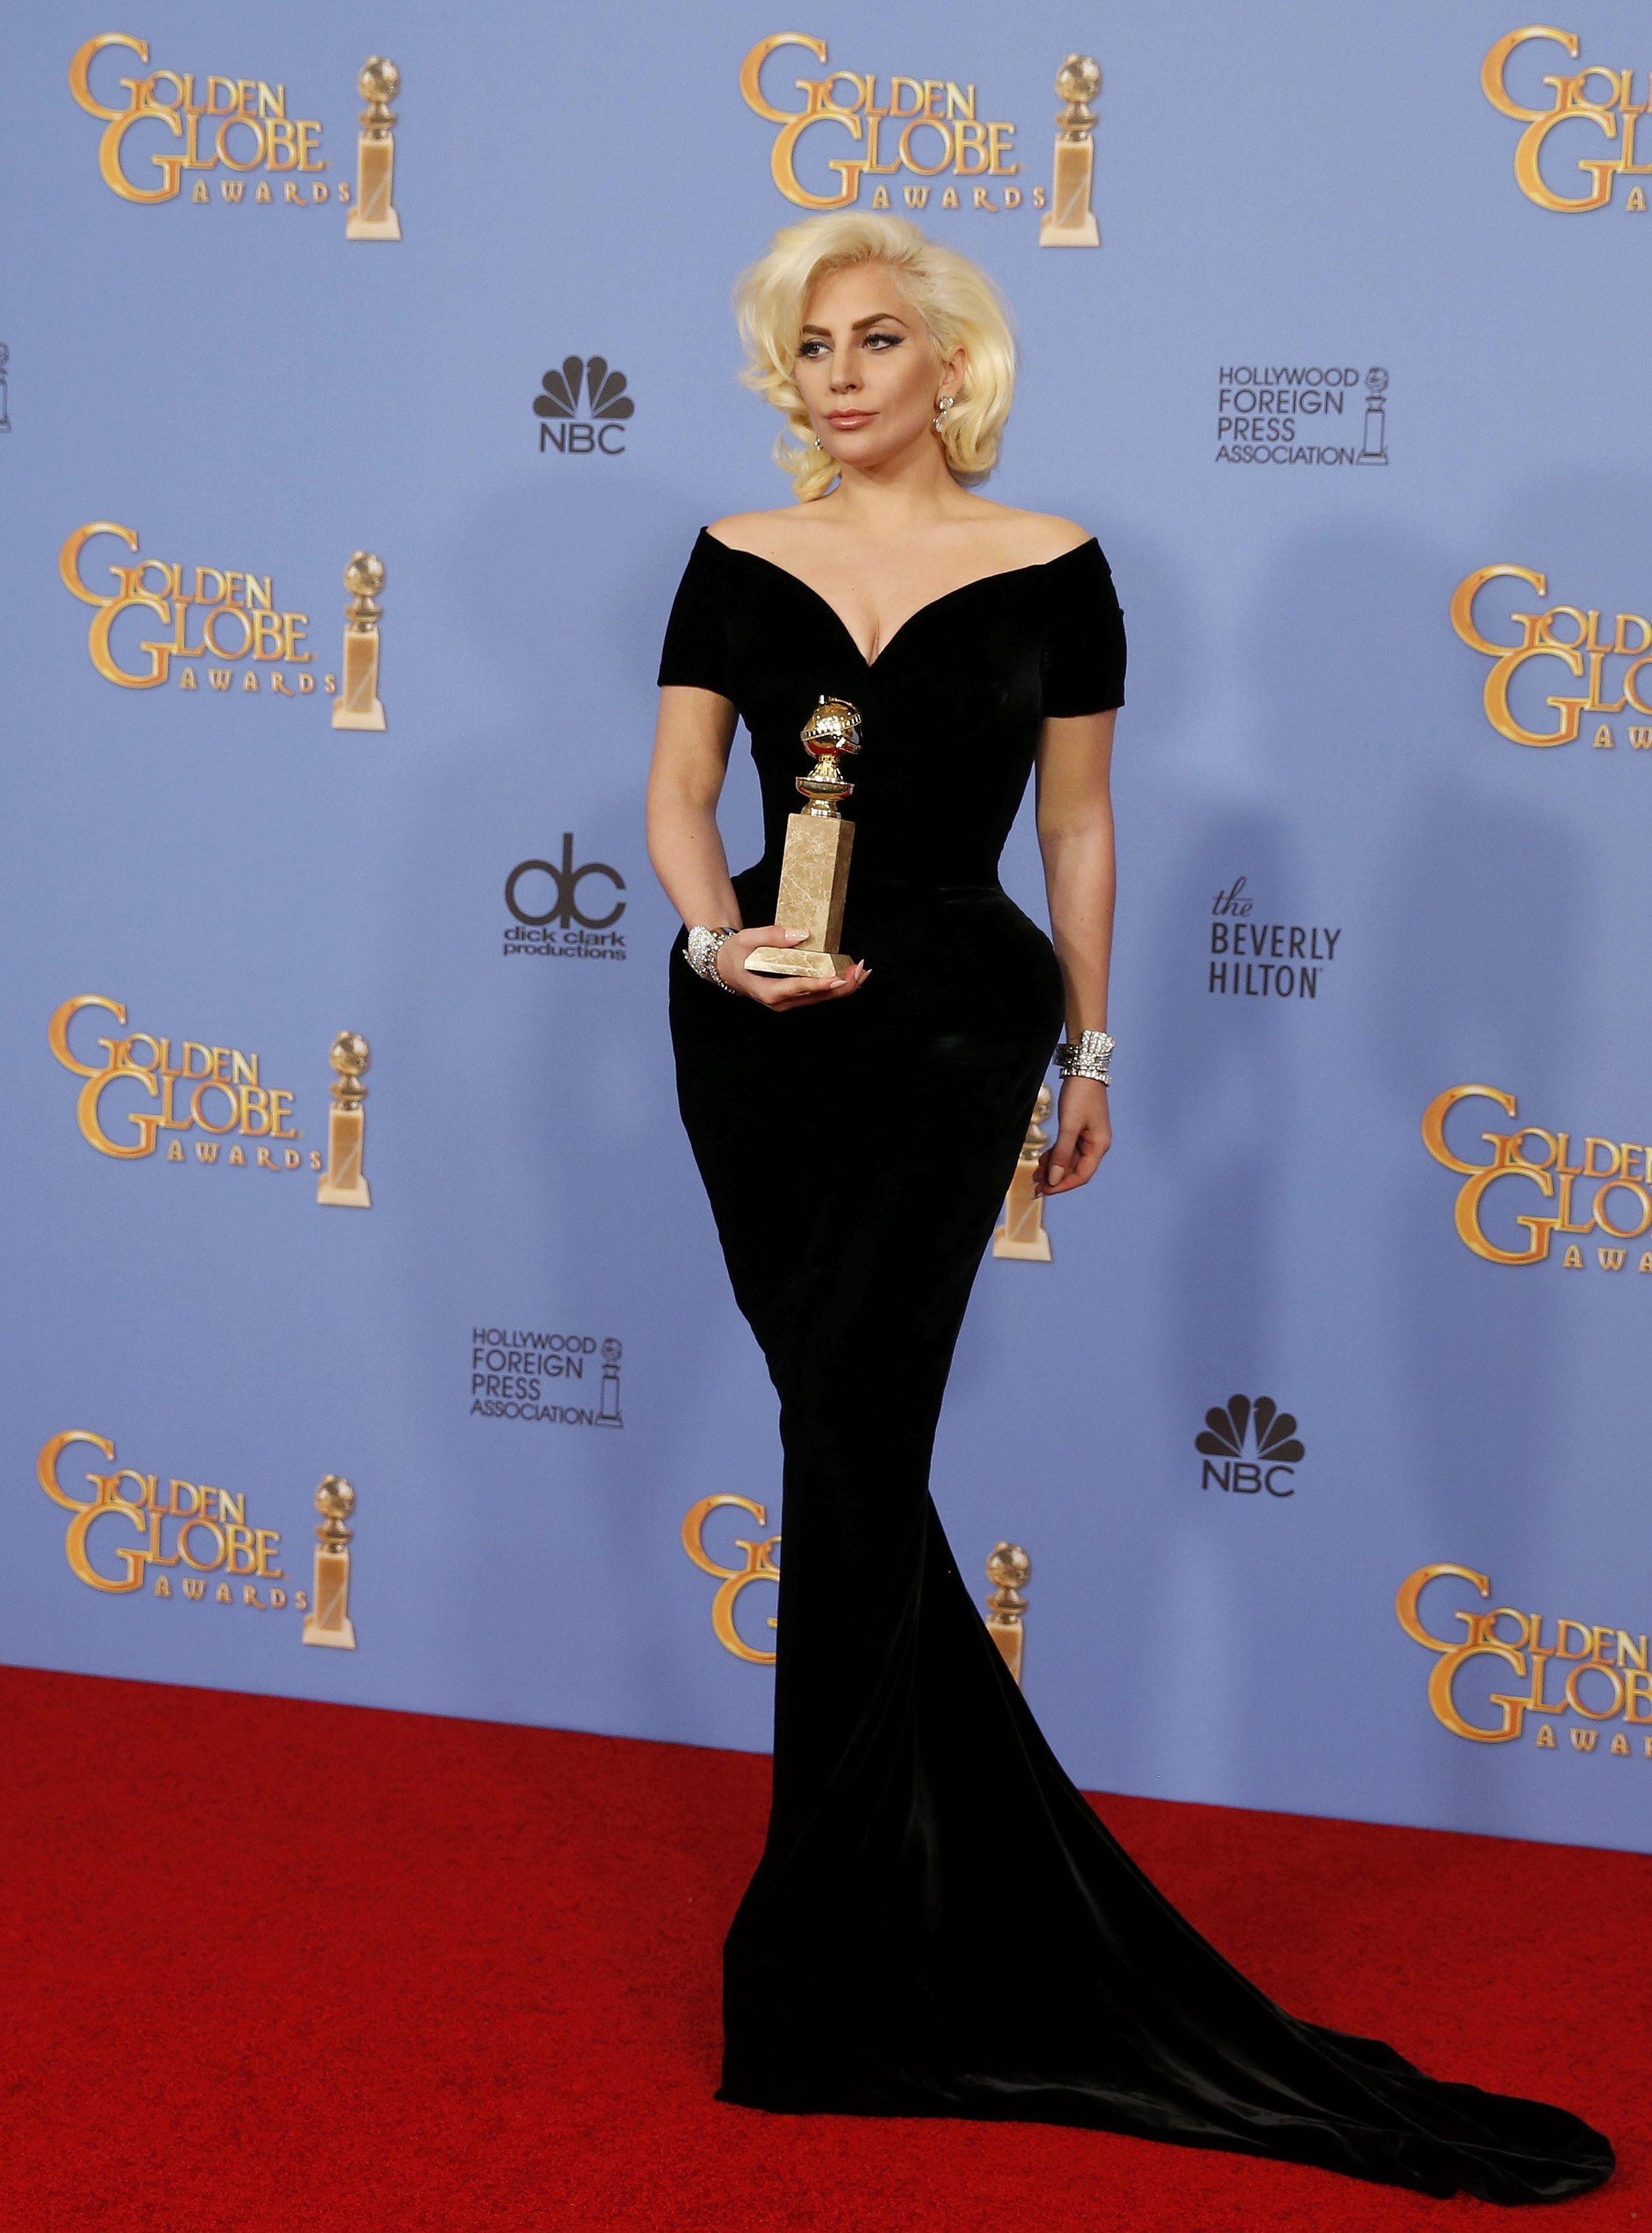 Золотой глобус 2019: Леонардо ДиКаприо, Леди Гага и другие номинанты премии